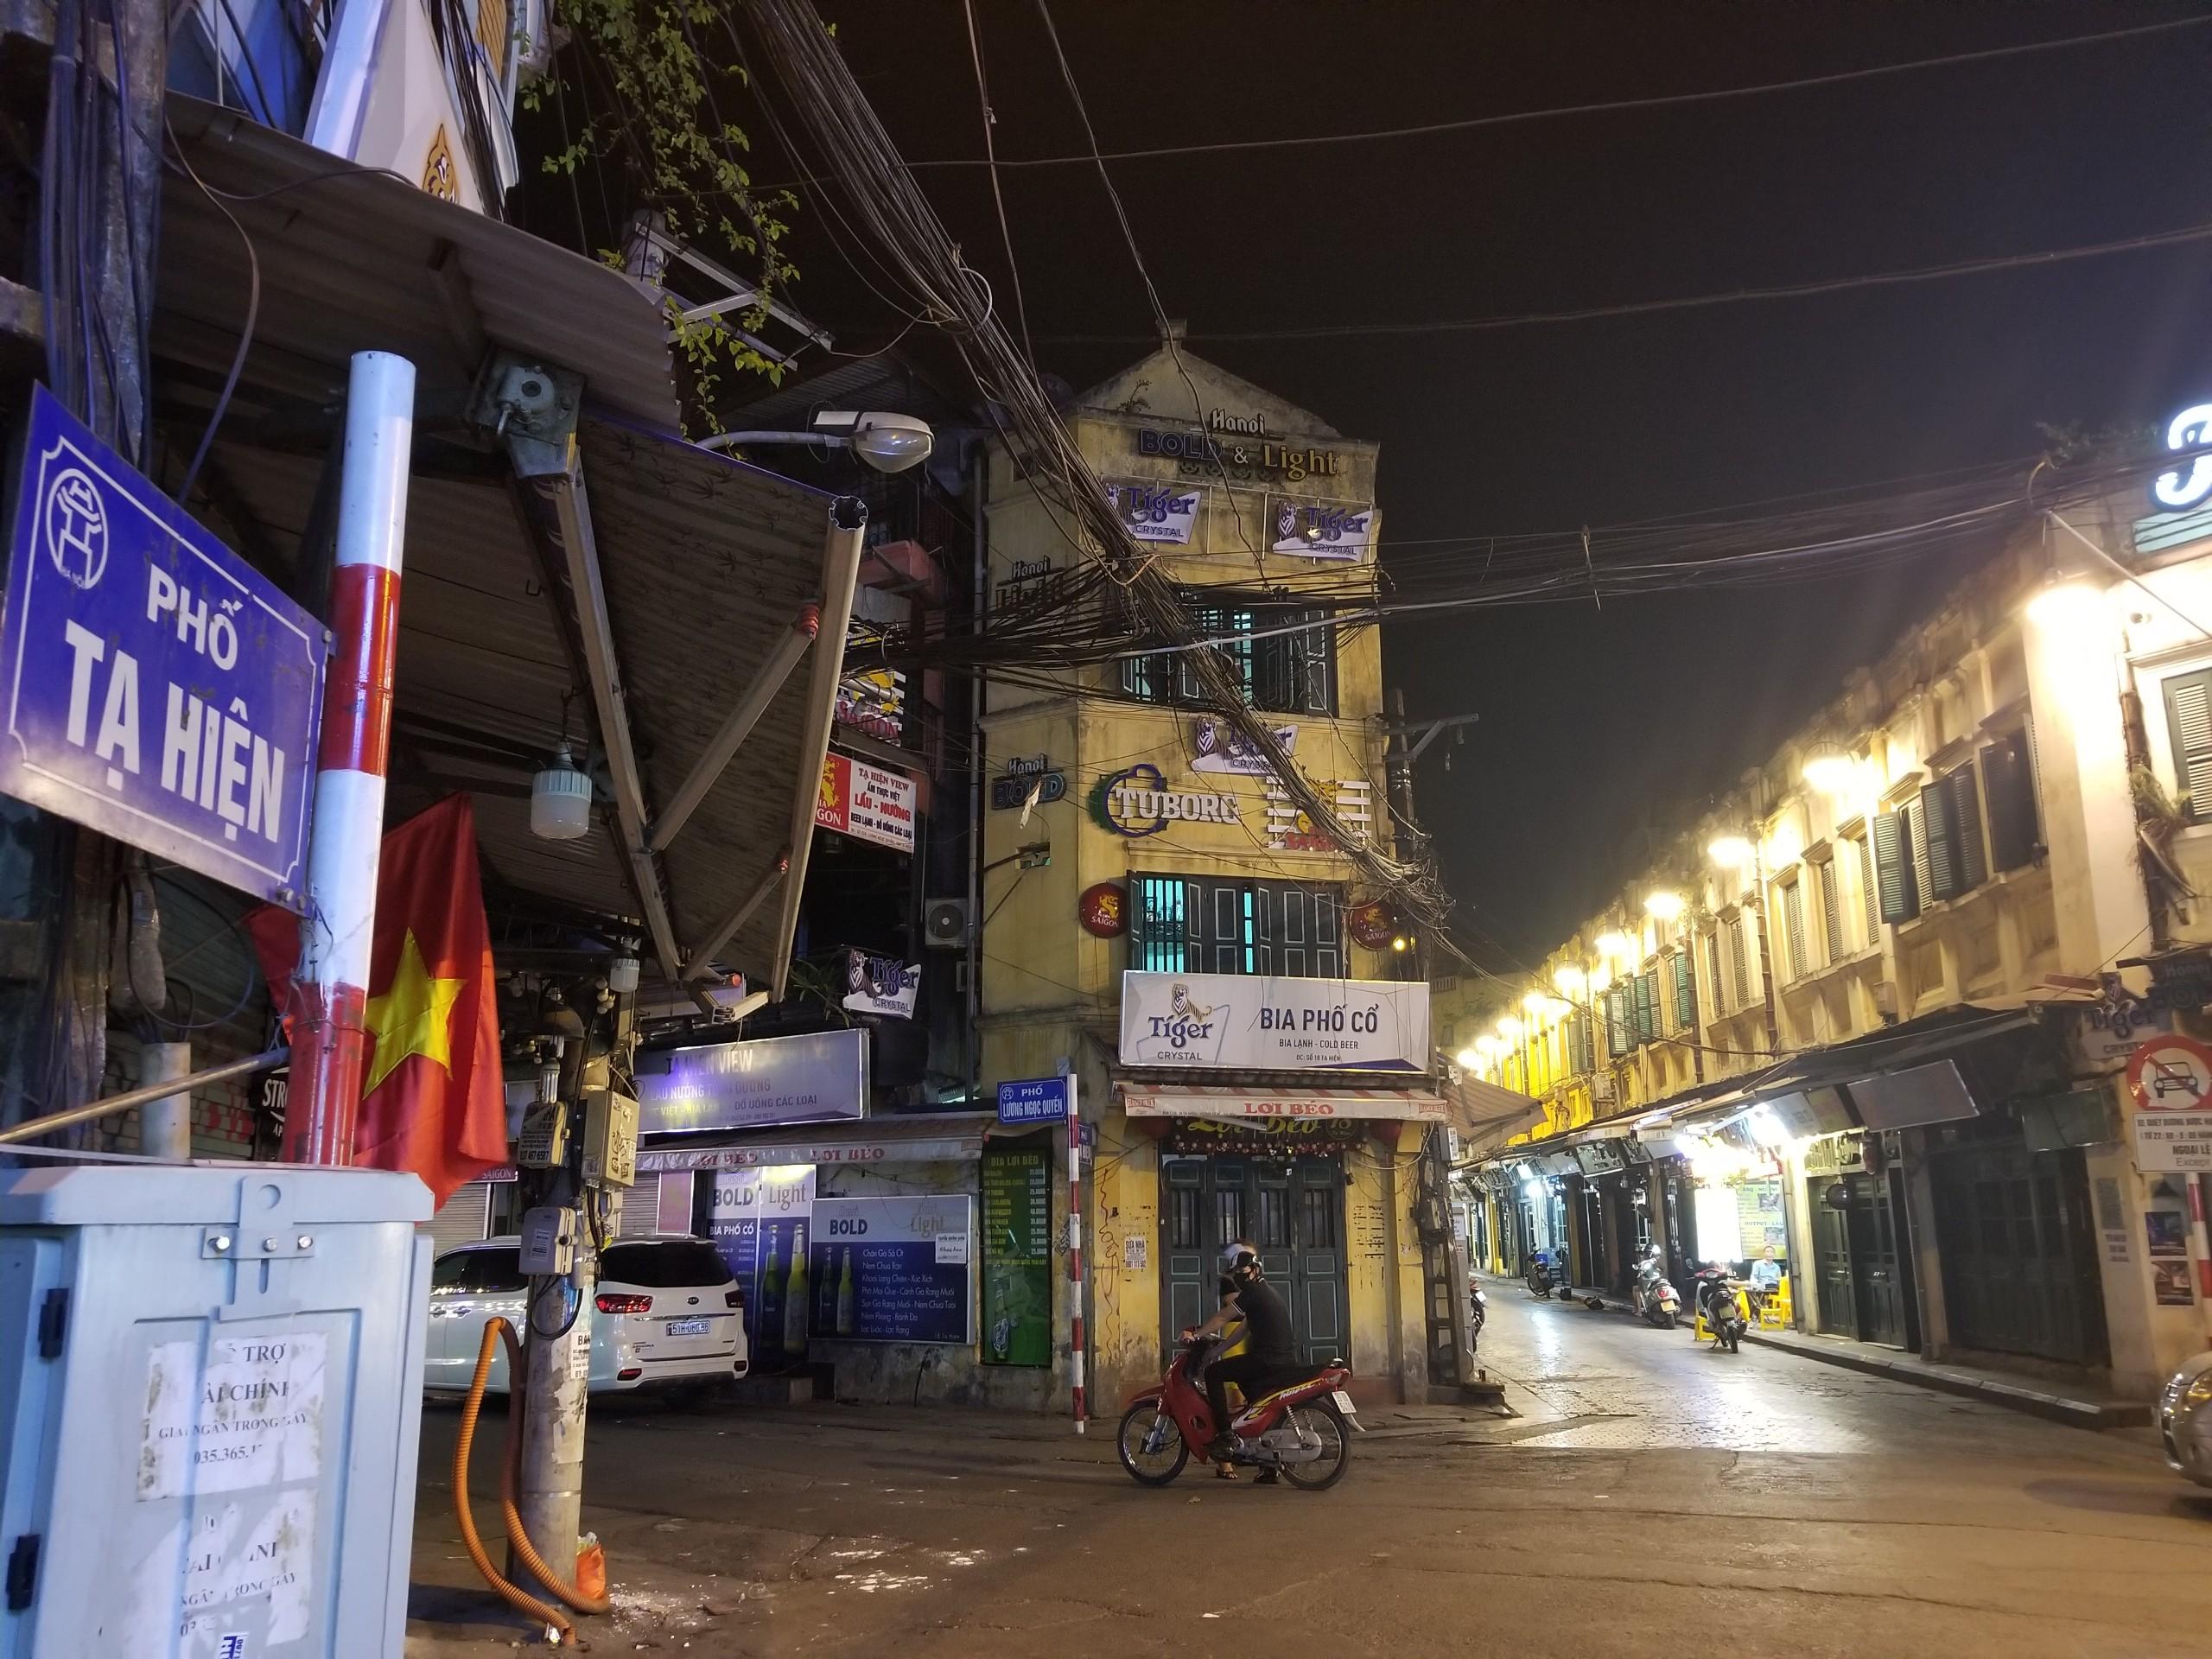 Phố cổ Tạ Hiện buồn hiu ngày dịch, hộ kinh doanh chán nản vì ế khách - Ảnh 1.